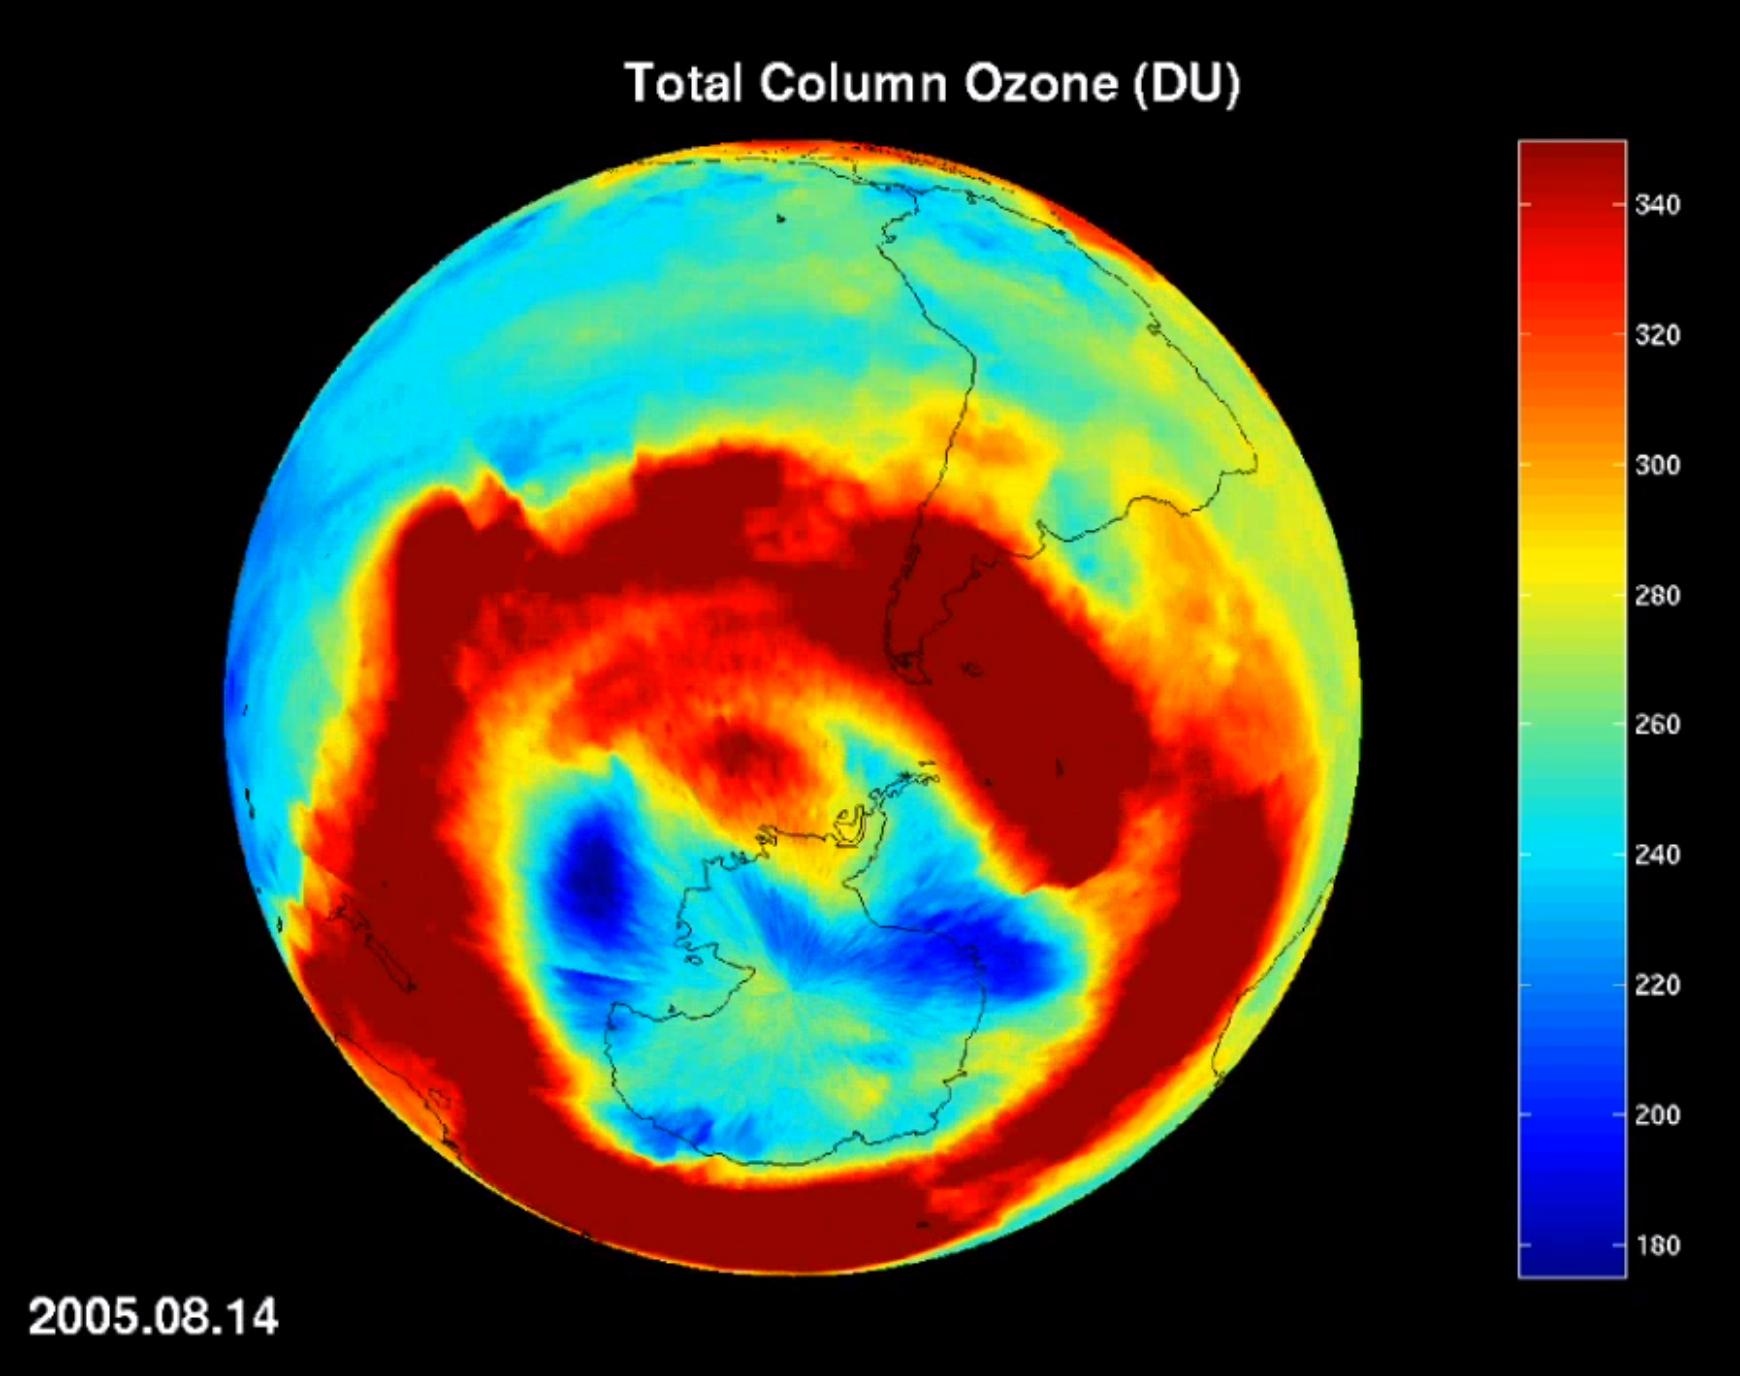 ozone from earth nasa - photo #21